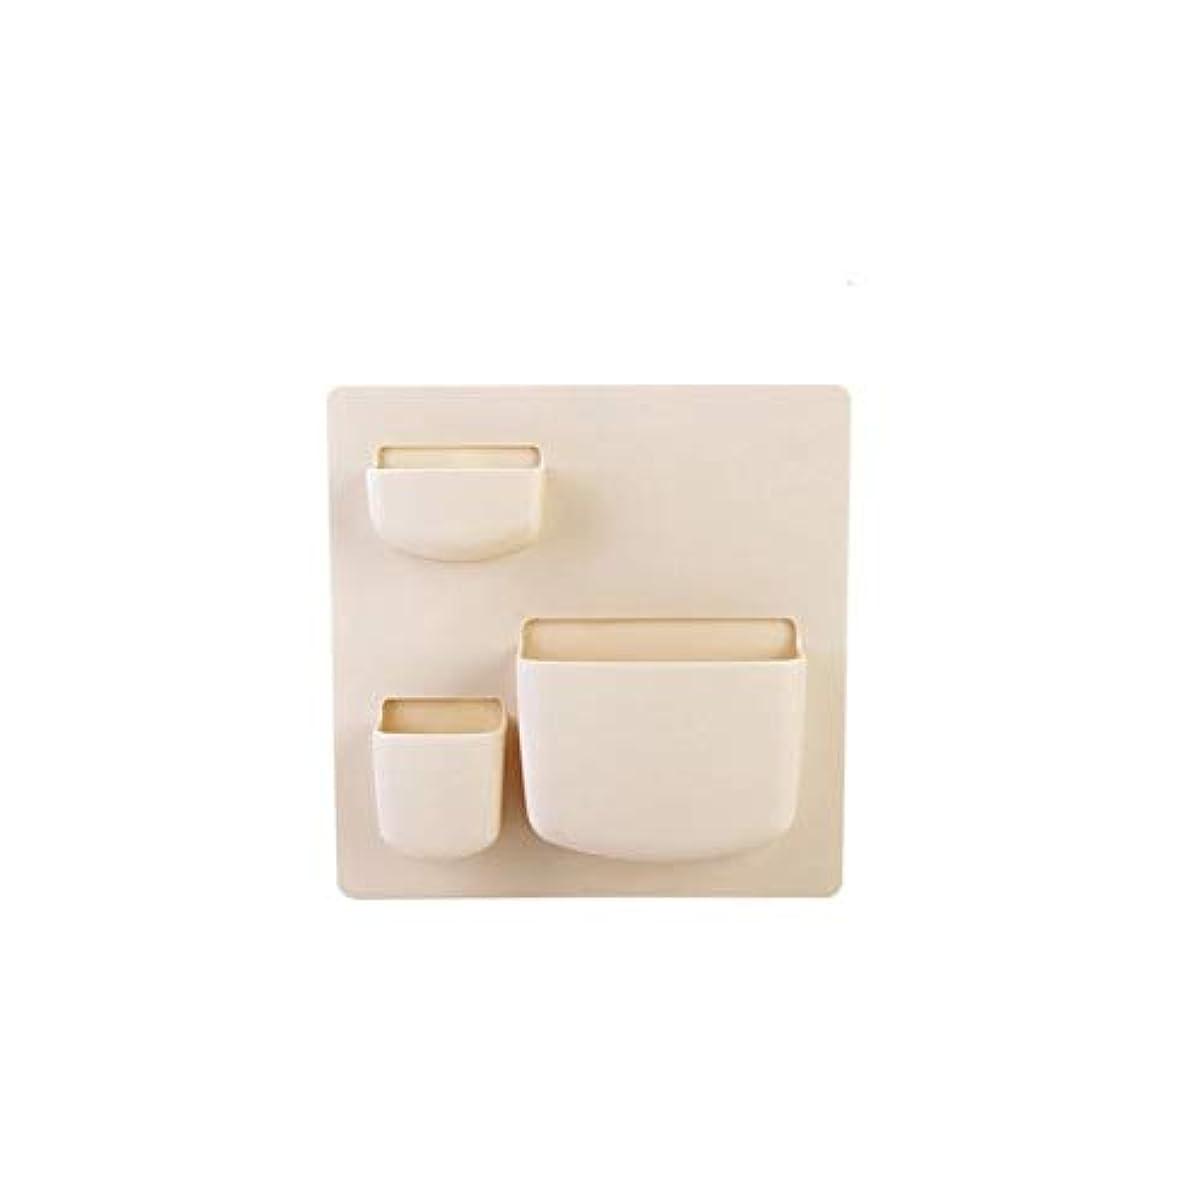 生活招待勢い| ラック & ホルダー | プラスチックキッチンツールストレージオーガナイザー 粘着キャビネットドア壁棚キッチン用品アクセサリー キッチンオーガナイザー | NAHASU NAHAEE74E533